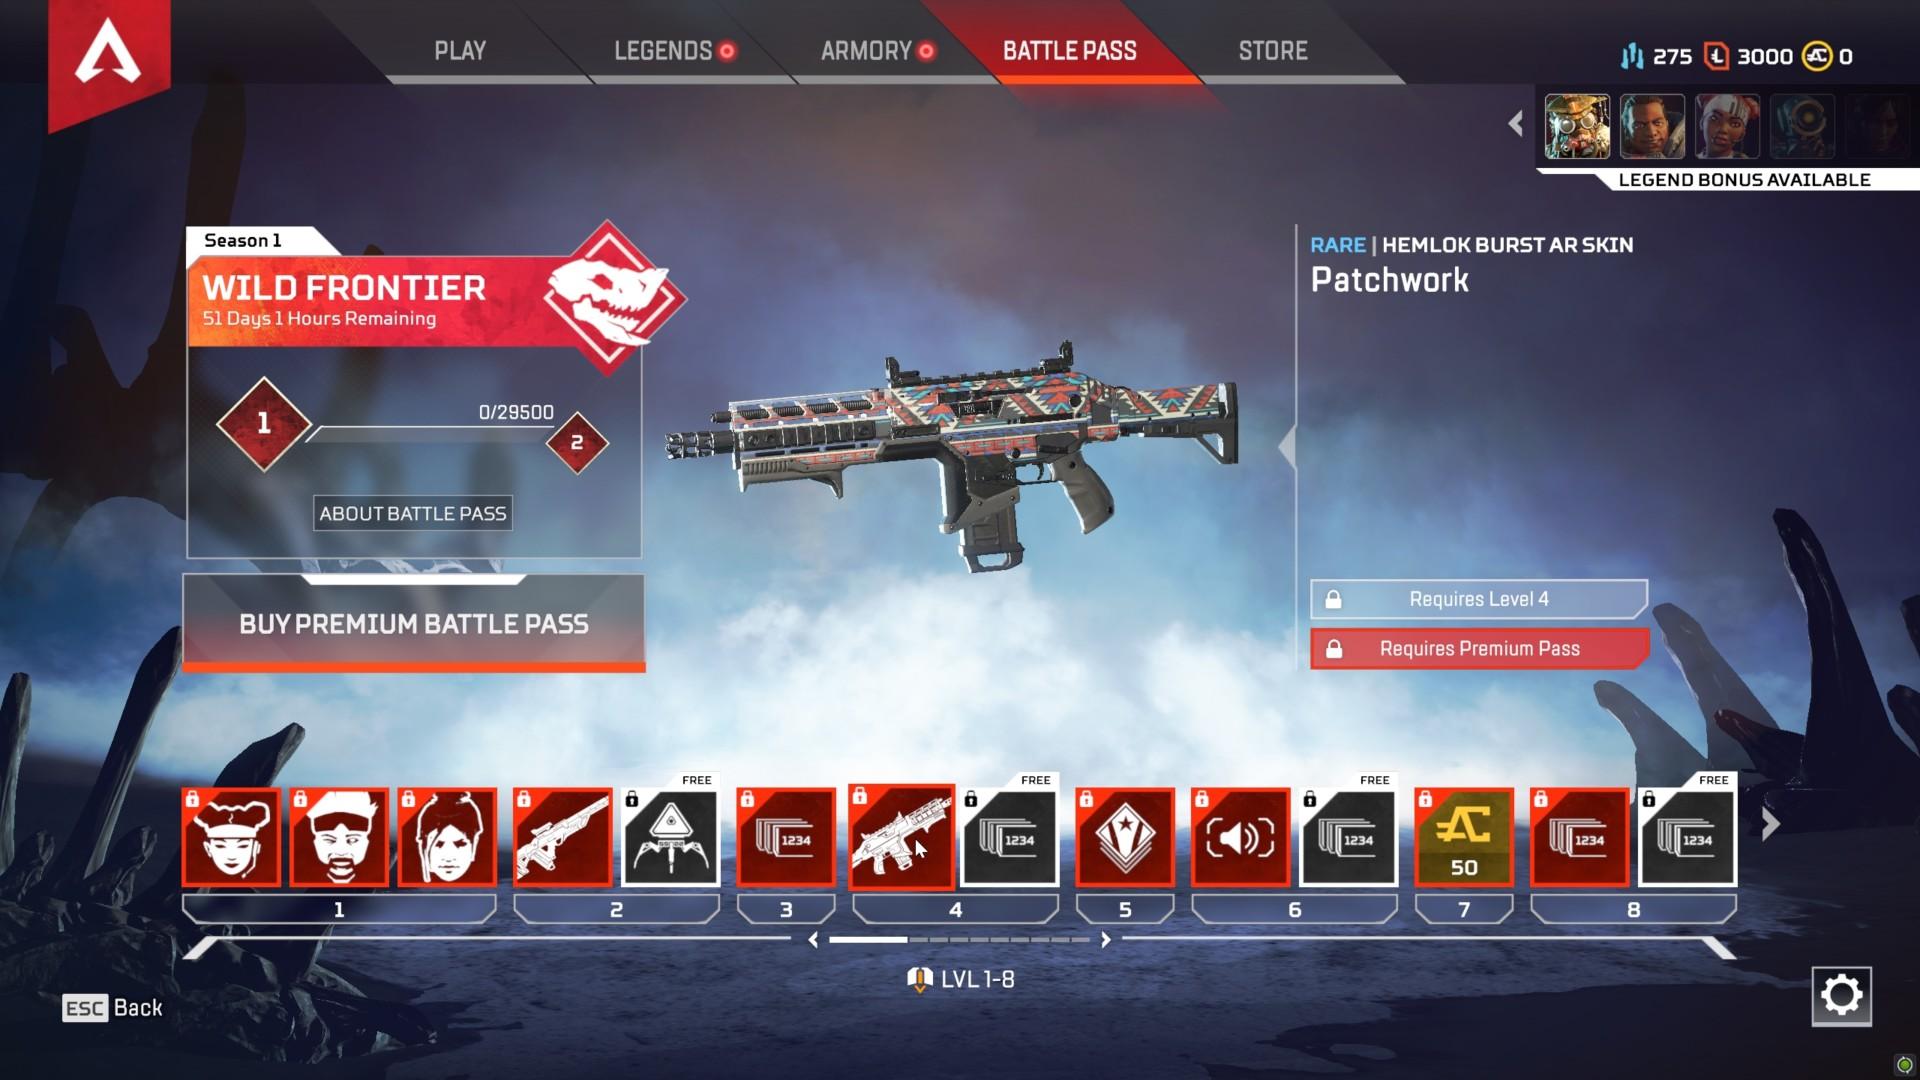 Battle pass screenshot of Apex Legends video game interface.